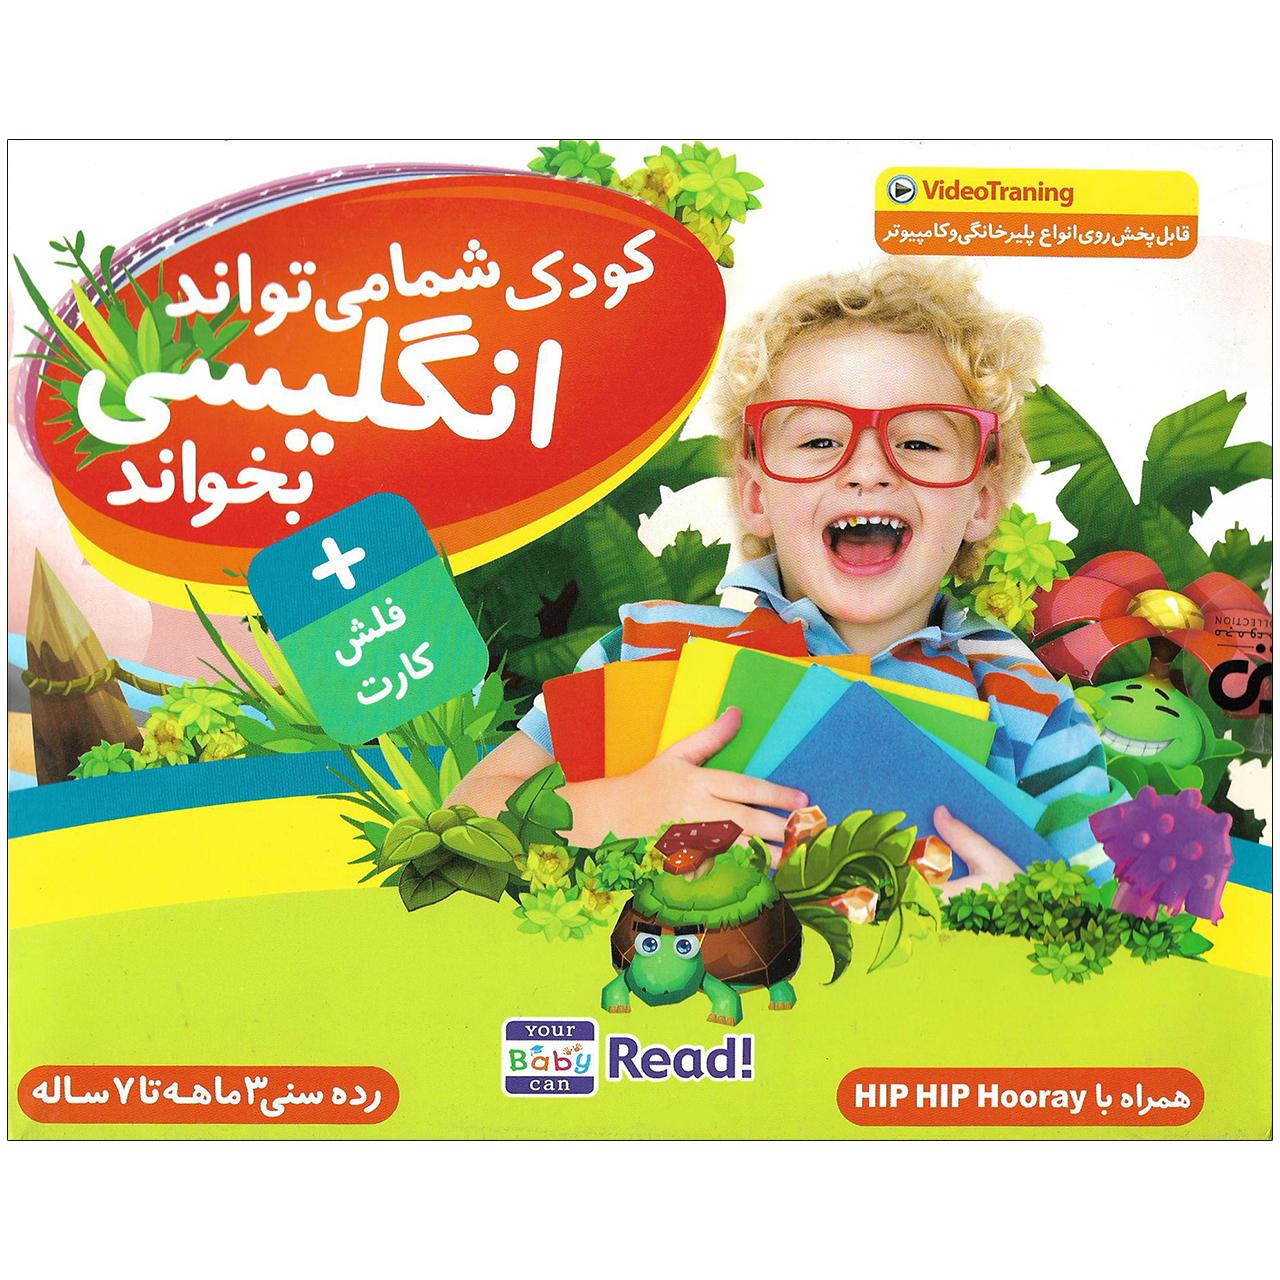 مجموعه آموزشی کودک شما می تواند انگیسی بخواند نشر درنا